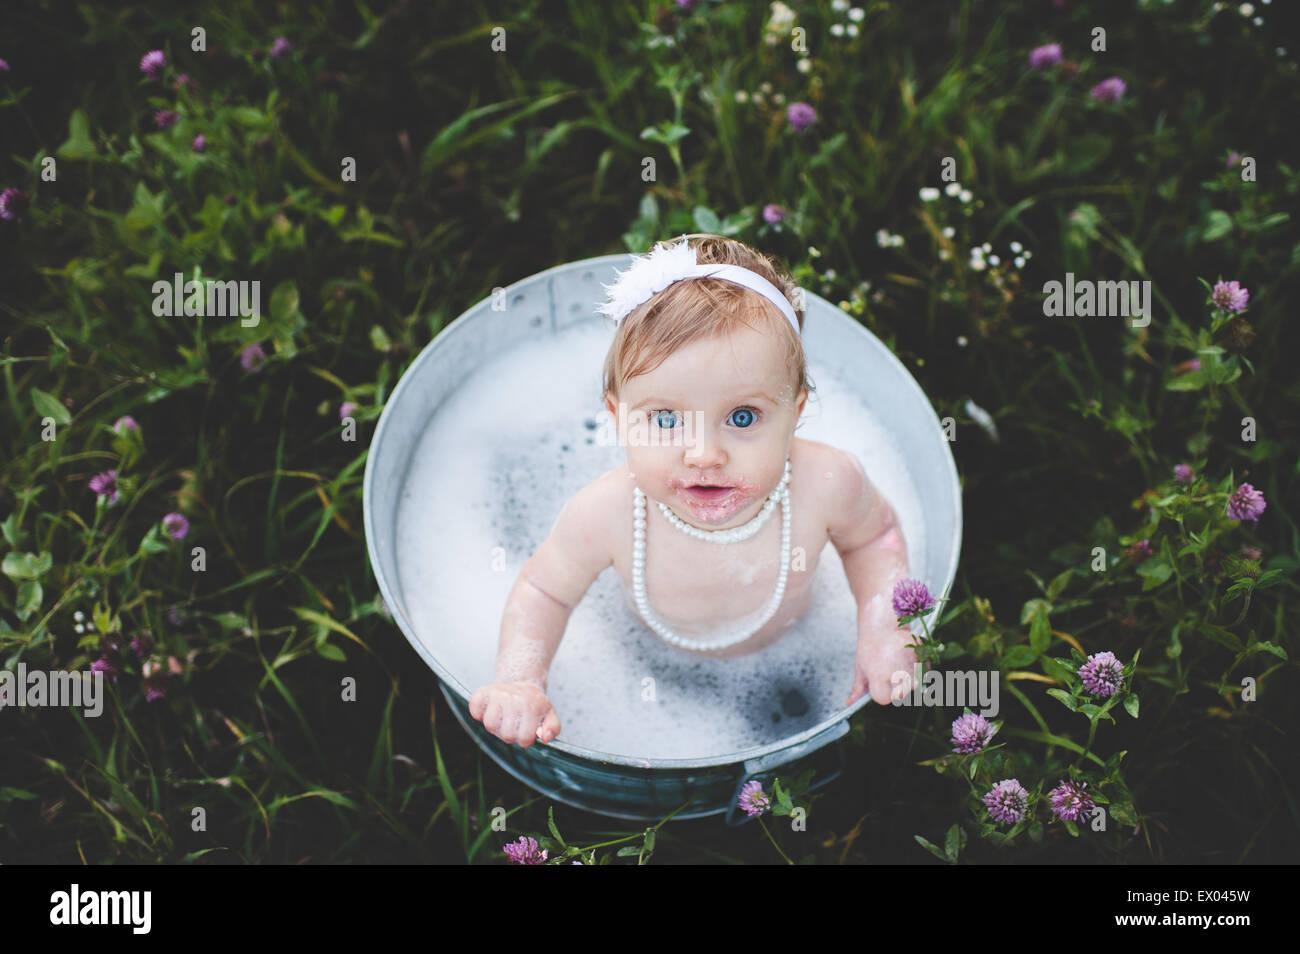 Vue de dessus de petite fille baignant dans un bain d'étain dans une prairie de fleurs sauvages Banque D'Images